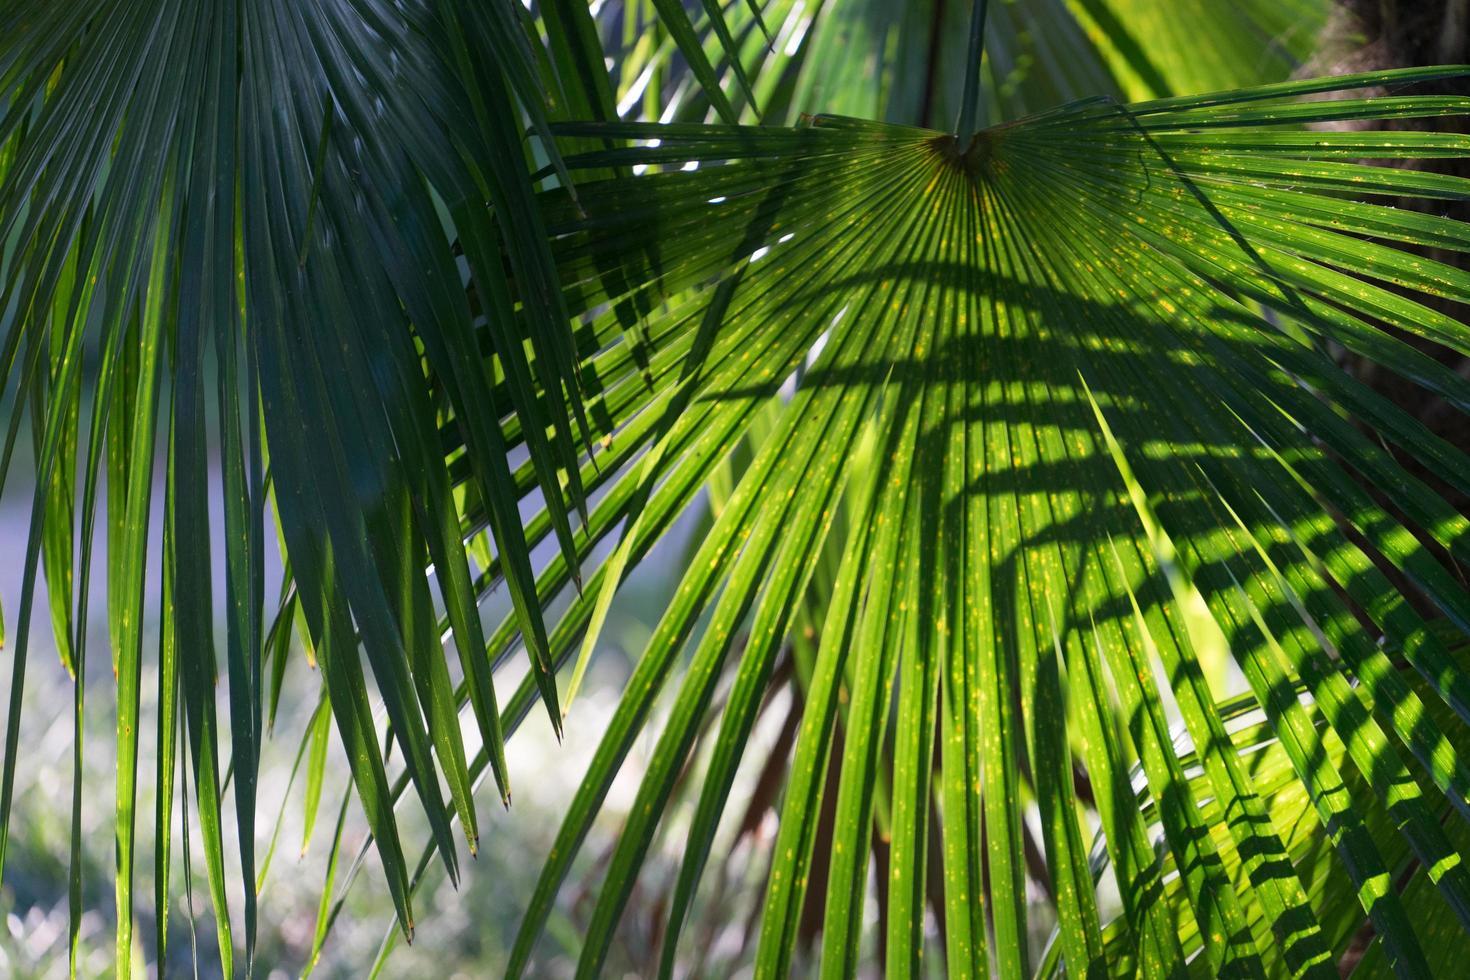 naturlig bakgrund med fläkt palmblad i en ljus solig sommardag foto